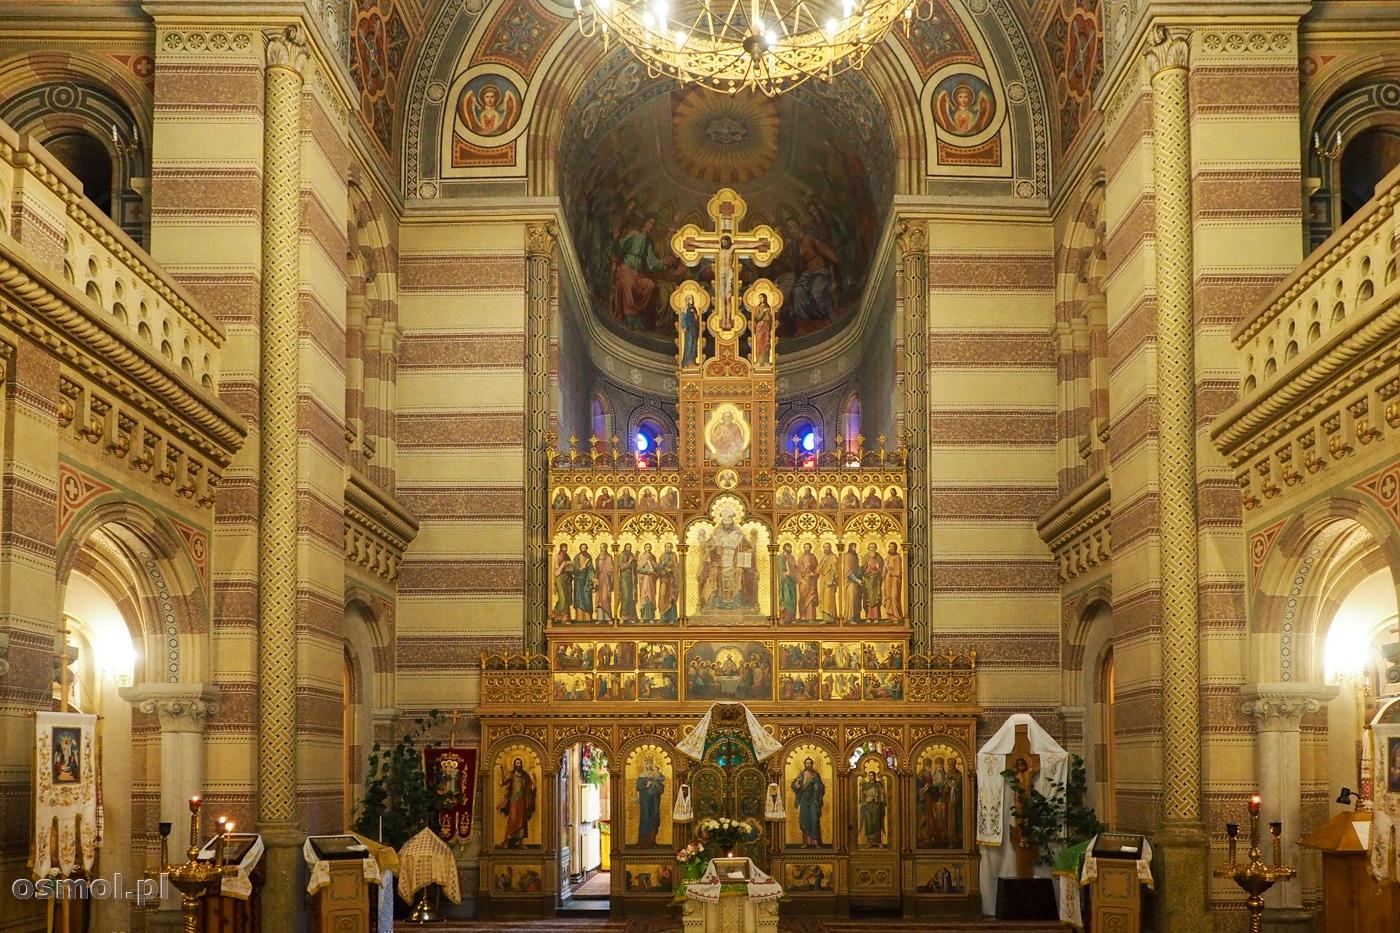 Wnętrze cerkwi Trzech Świętych Hierarchów w Czerniowcach